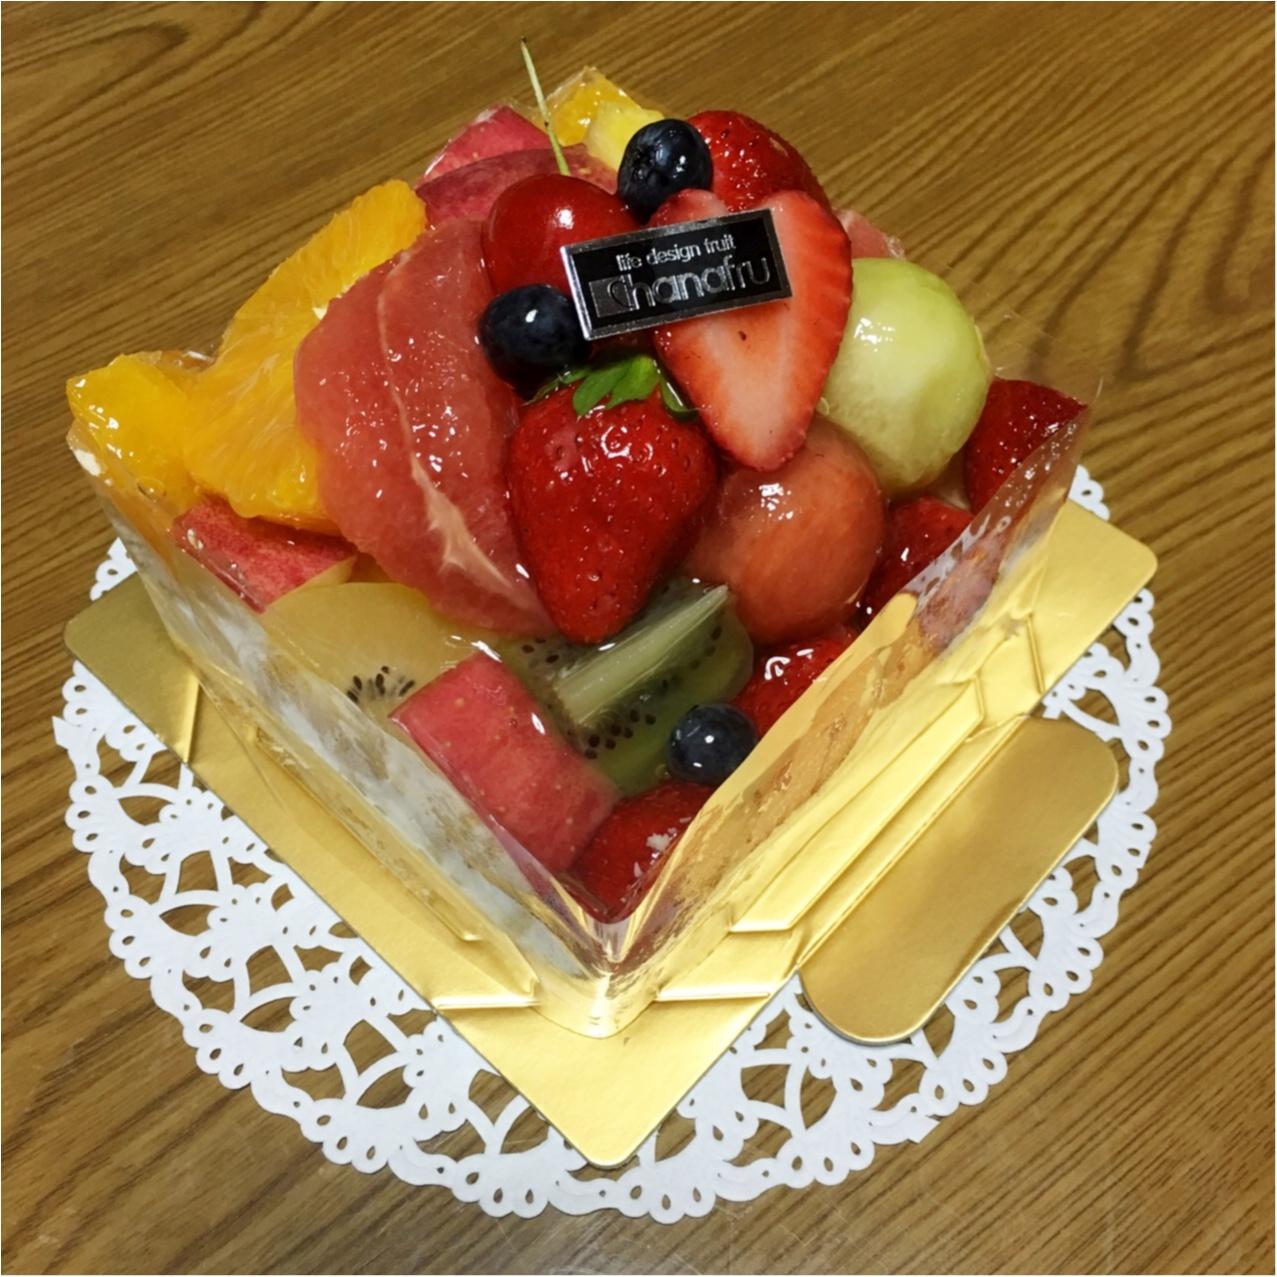 ボリュームがすごい!フルーツたっぷり♡ハナフルのフルーツケーキ_4